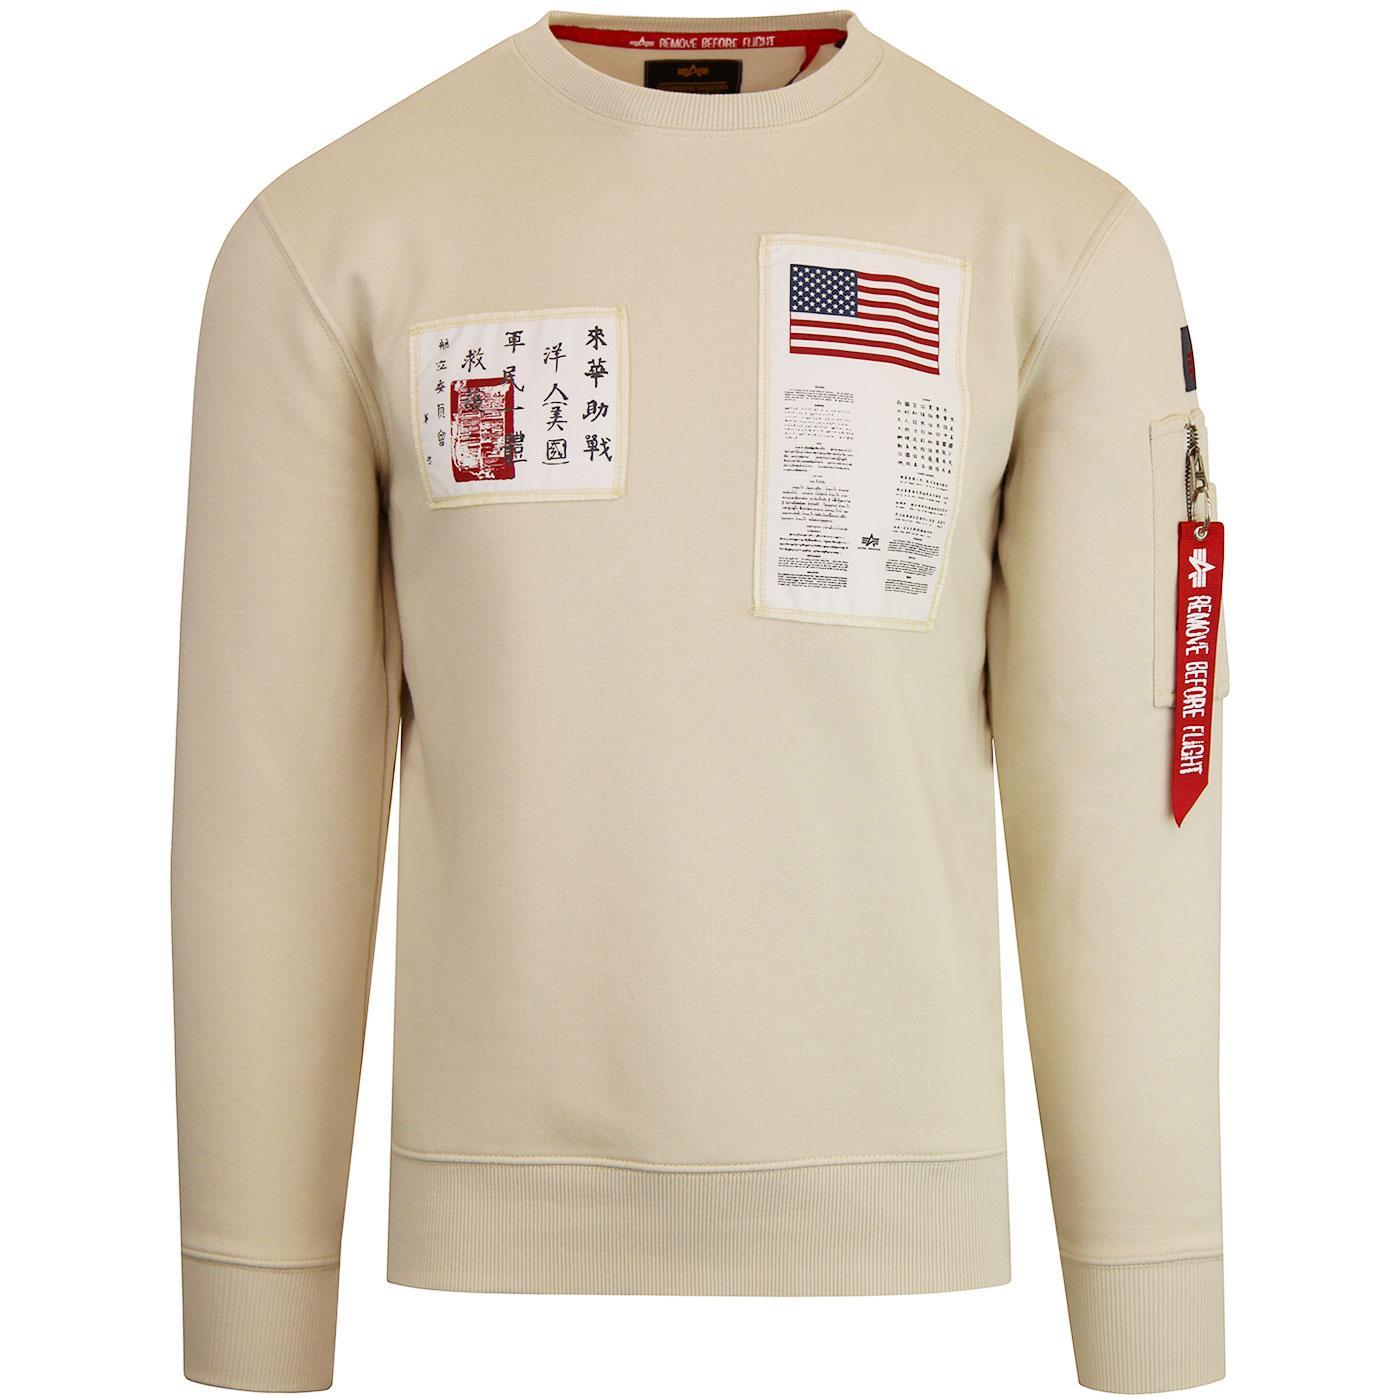 Alpha Industries Blood Chit Print Sweatshirt Crew Neck Strong Cuffs 80//20 Cotton